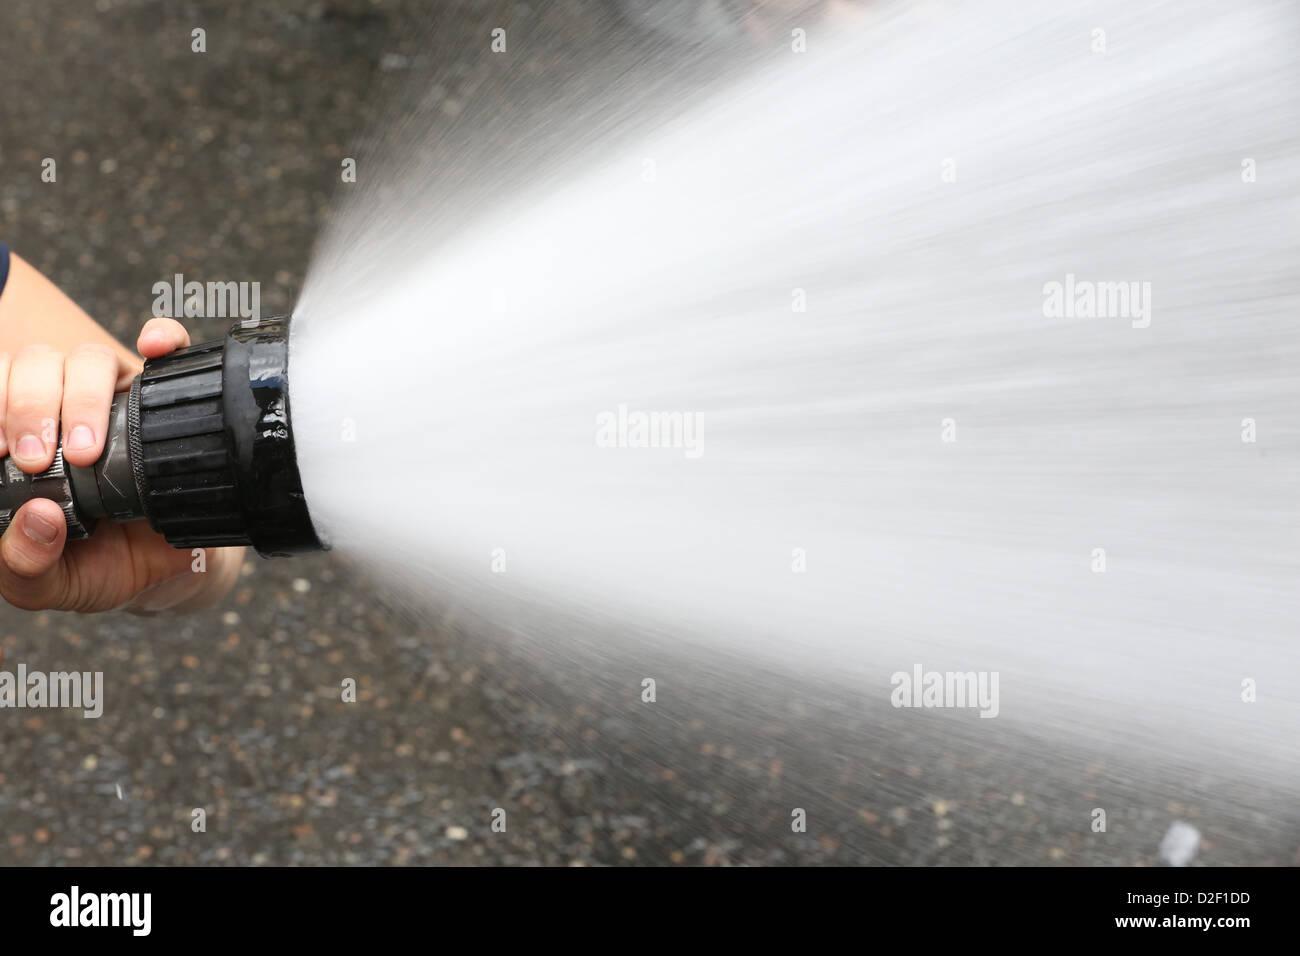 Fire hose Paris. France. - Stock Image